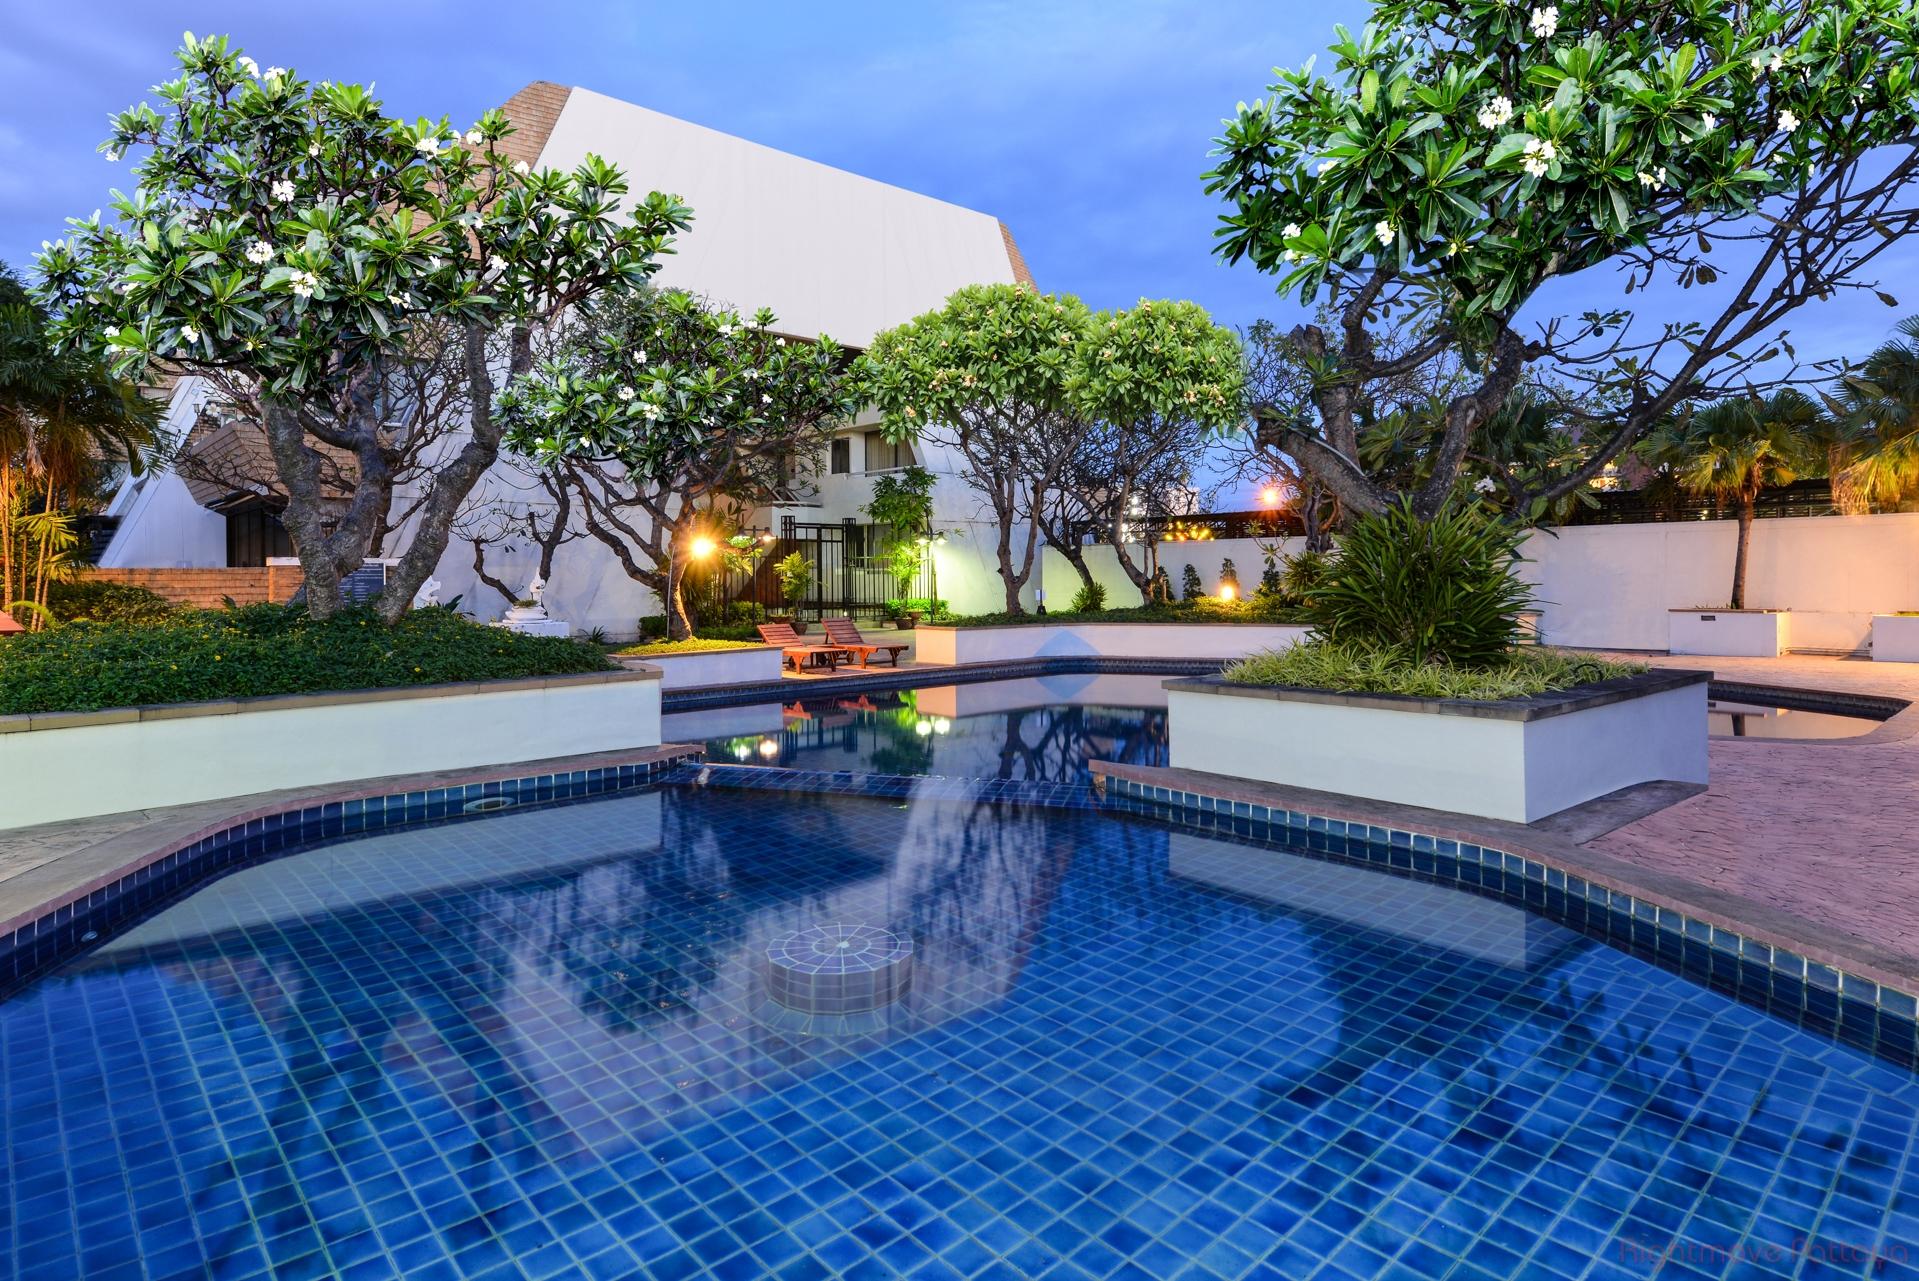 3 Bedrooms Condo For Sale In Jomtien-panchalae